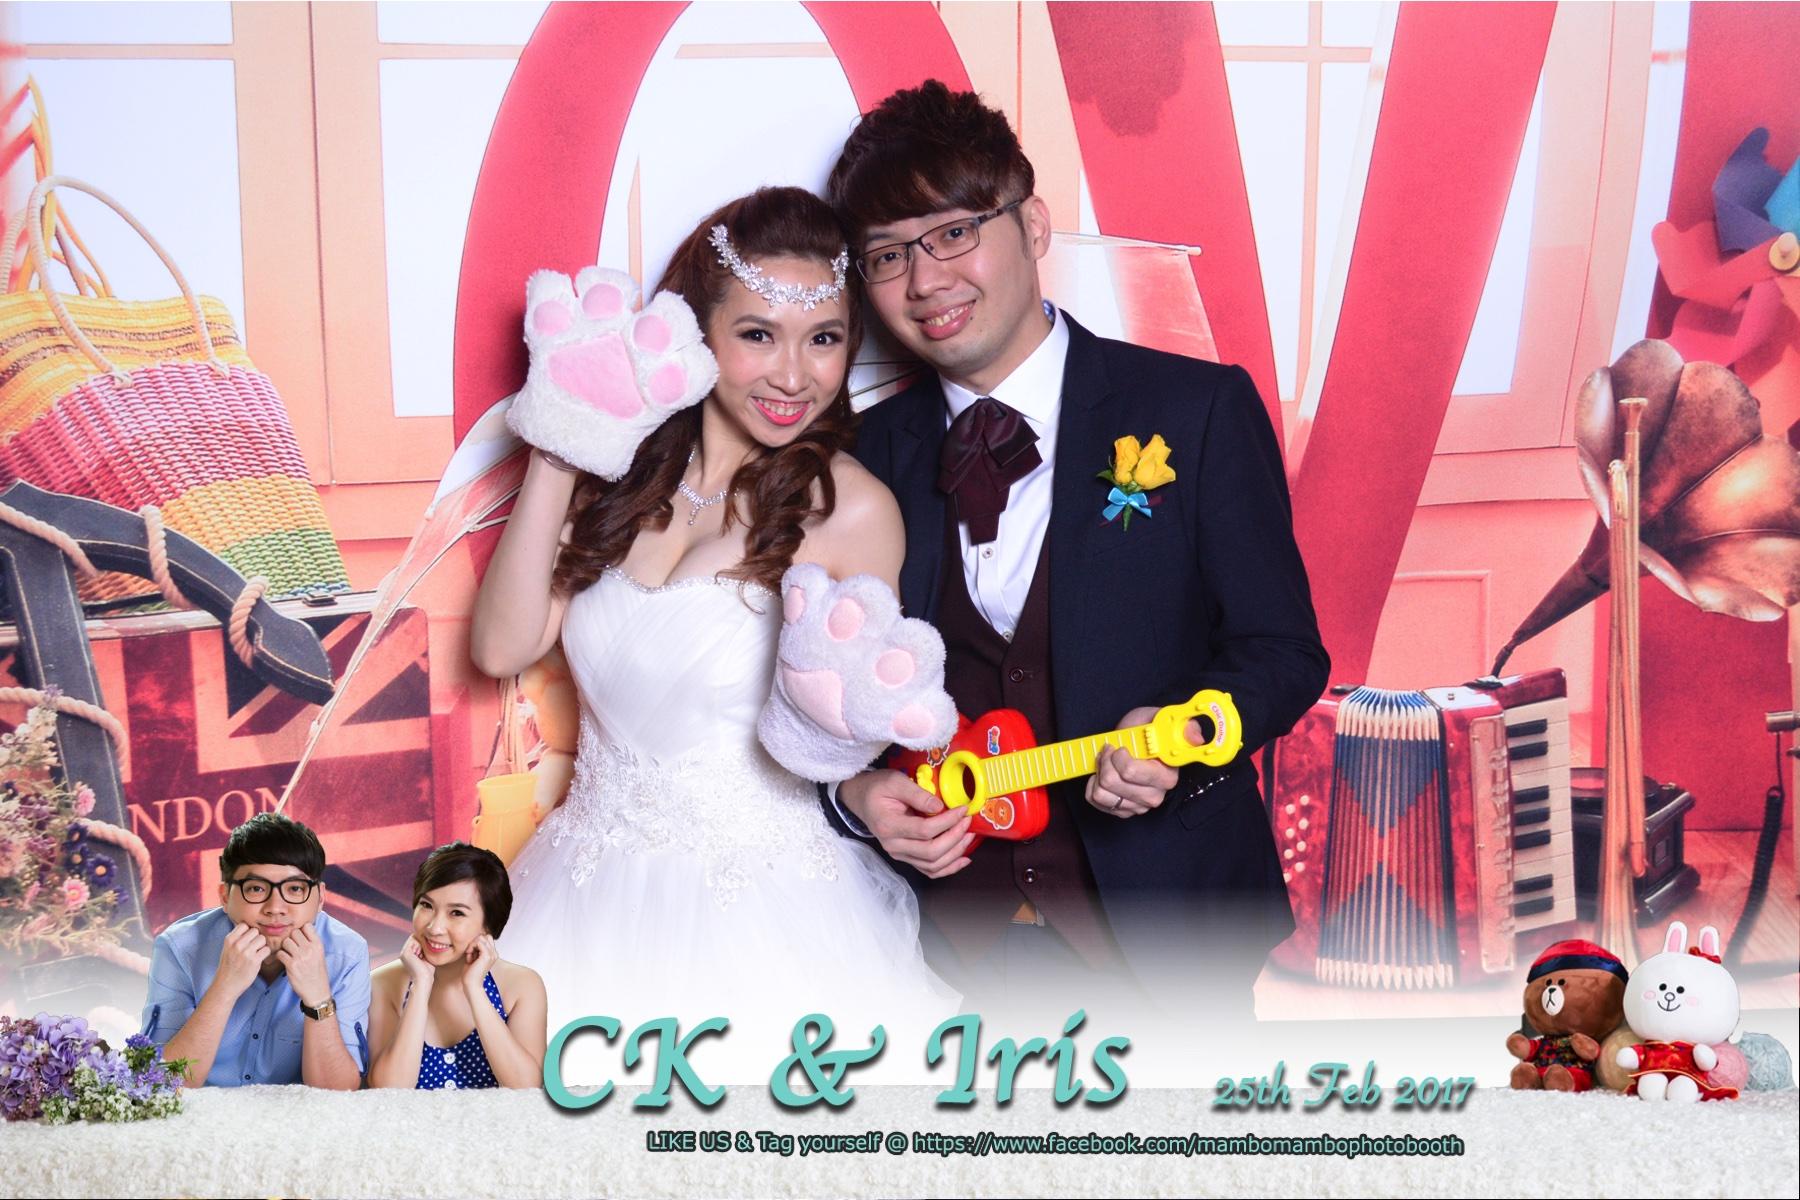 CK & Iris